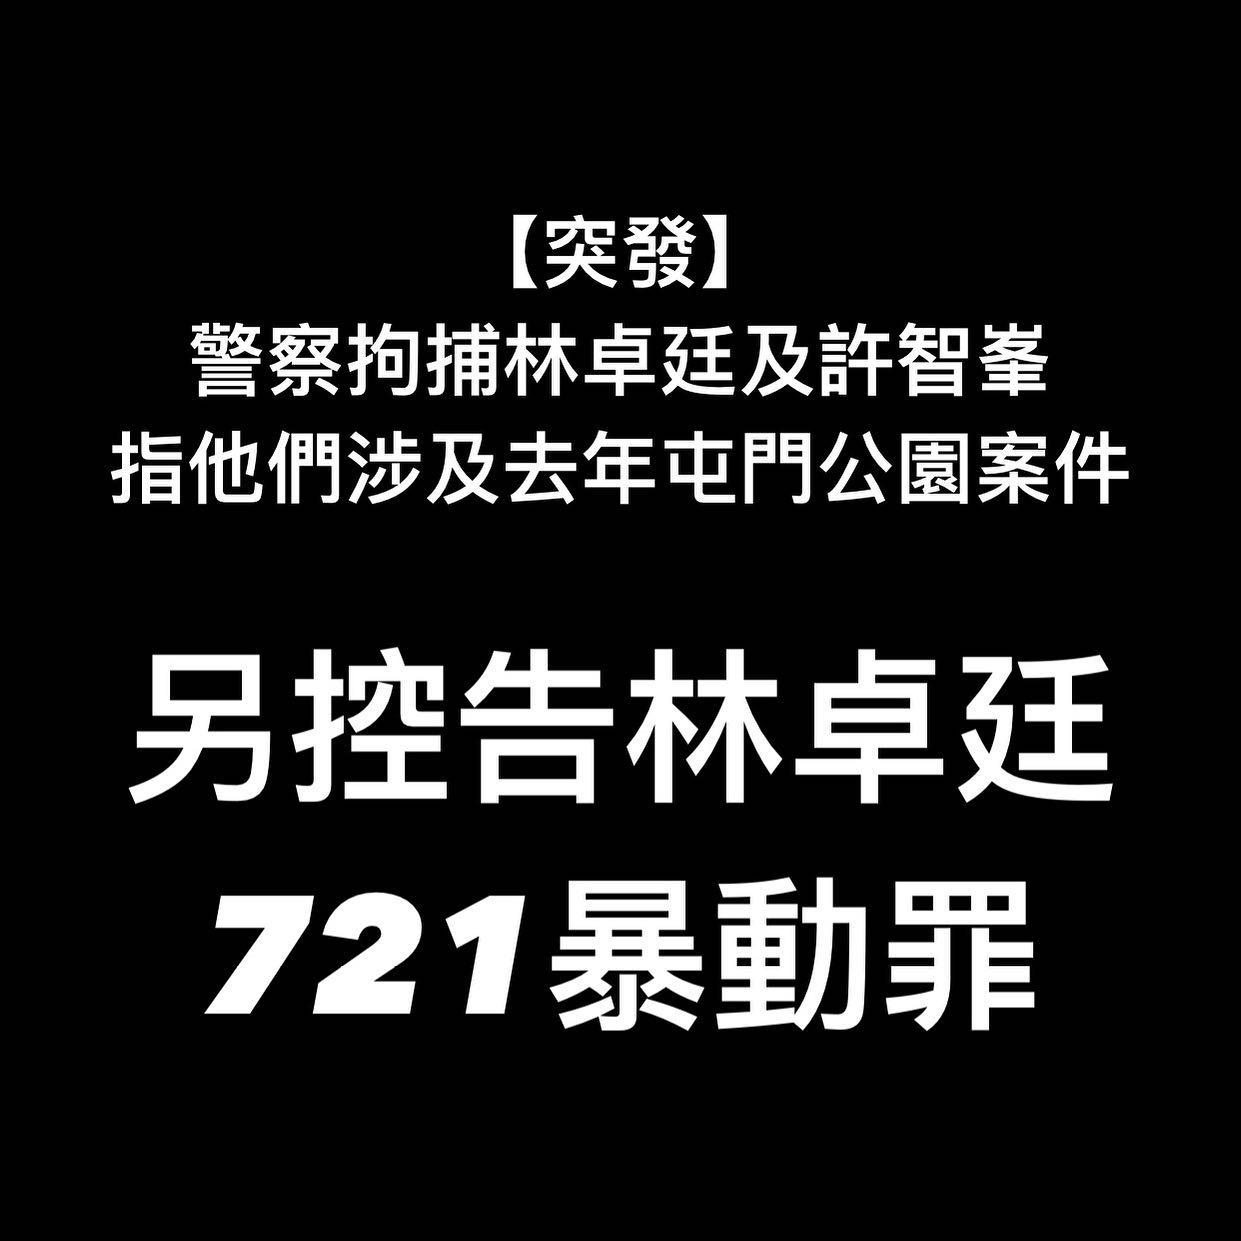 林卓廷及许智峰被拘捕